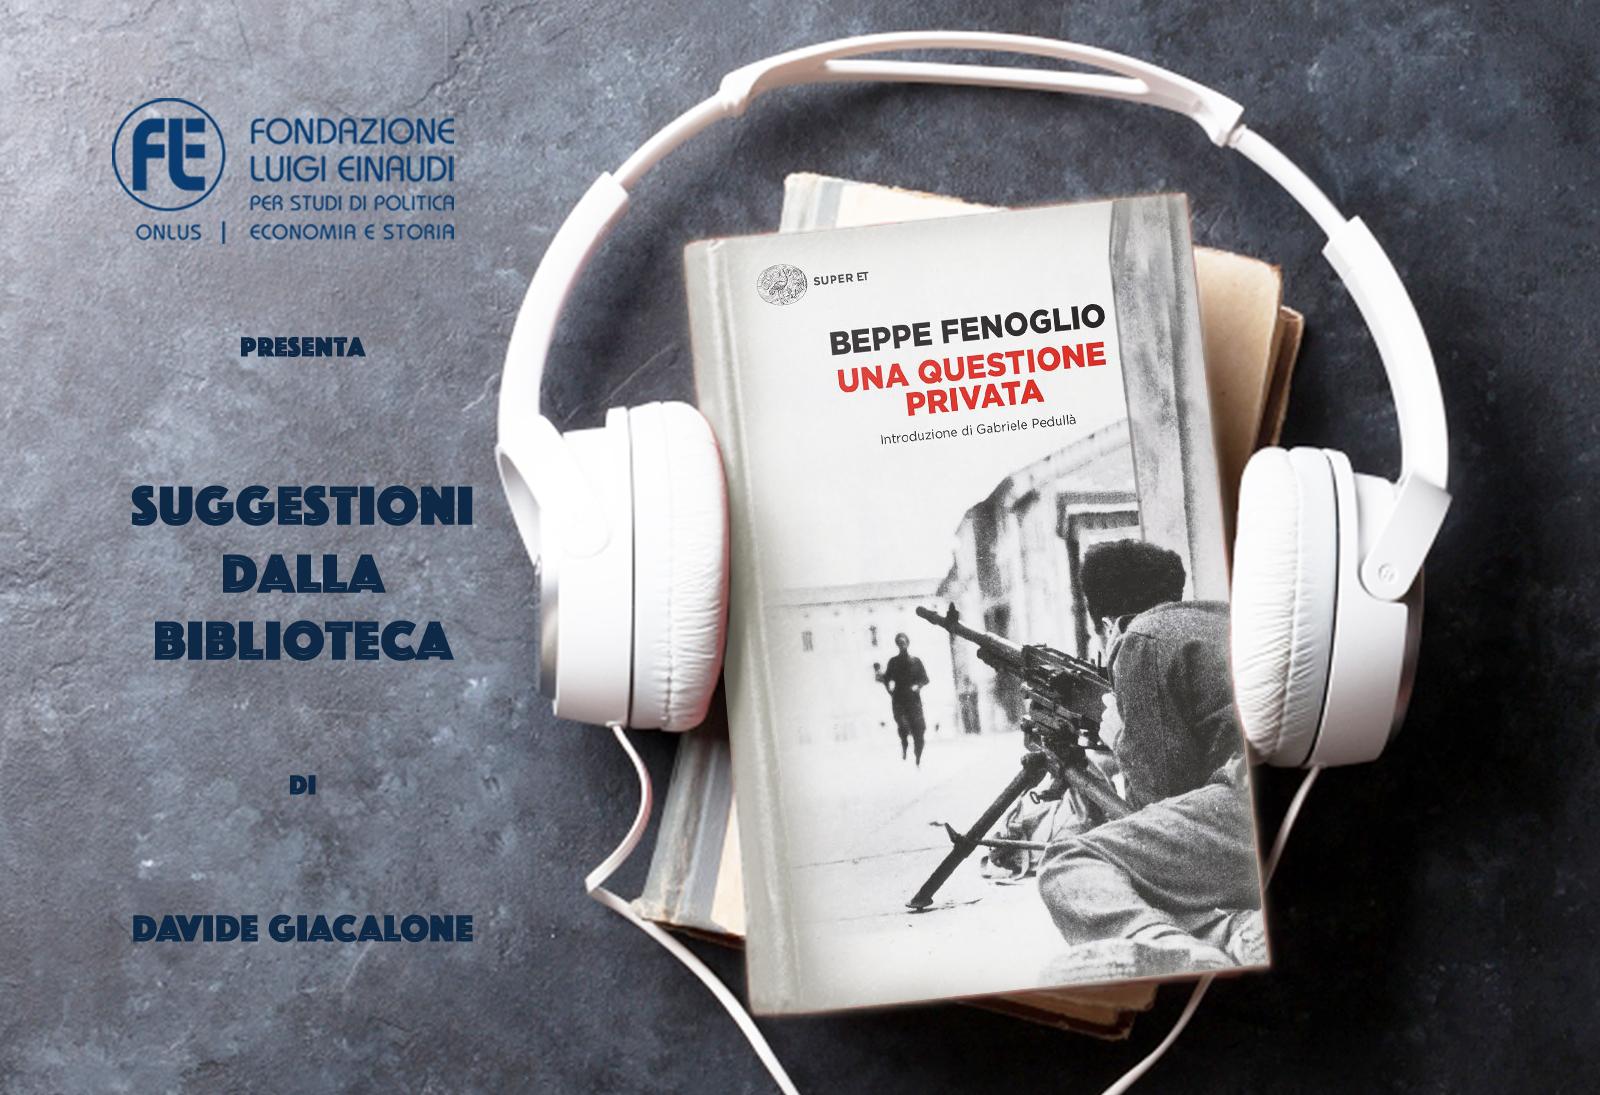 Beppe Fenoglio – Una questione privata